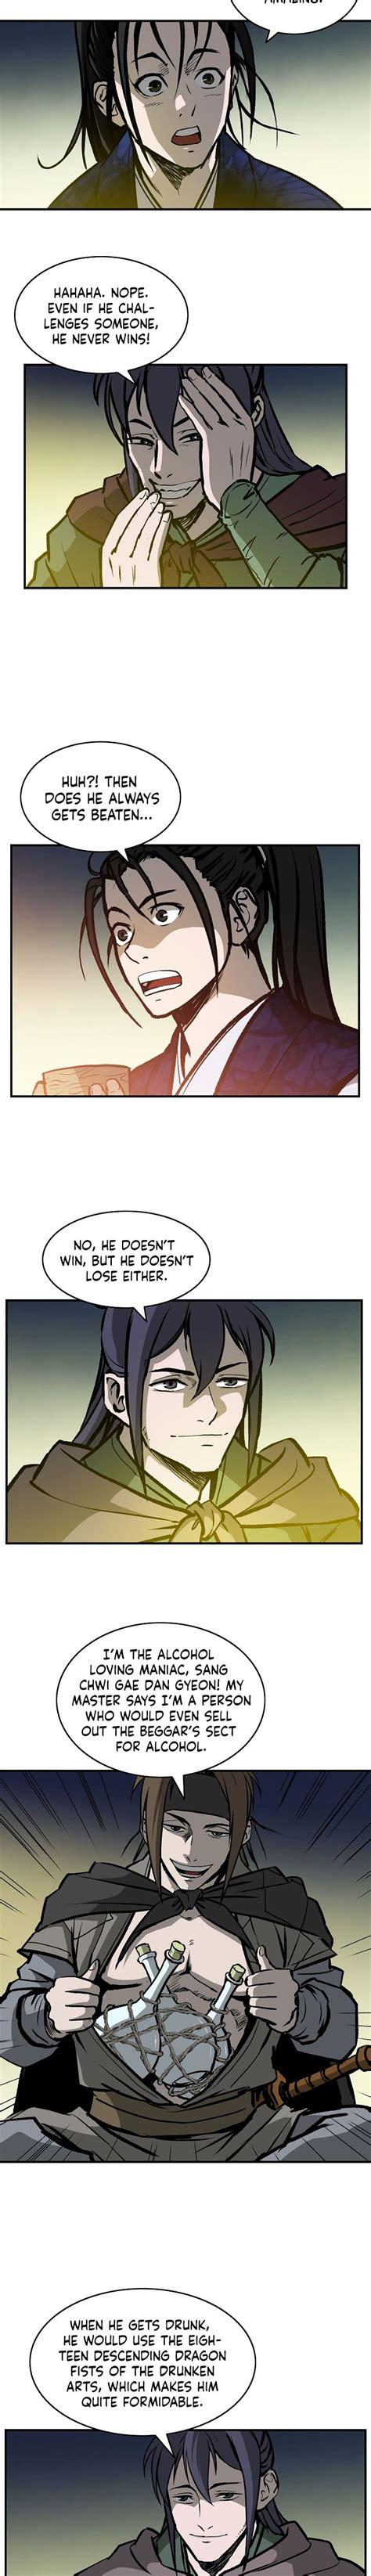 The rise of a hero who will overturn the murim world. Manga Bowblade Spirit - Chapter 34 - Isekaiscan Manga - Isekaiscan Manga - Read Manga Online For ...